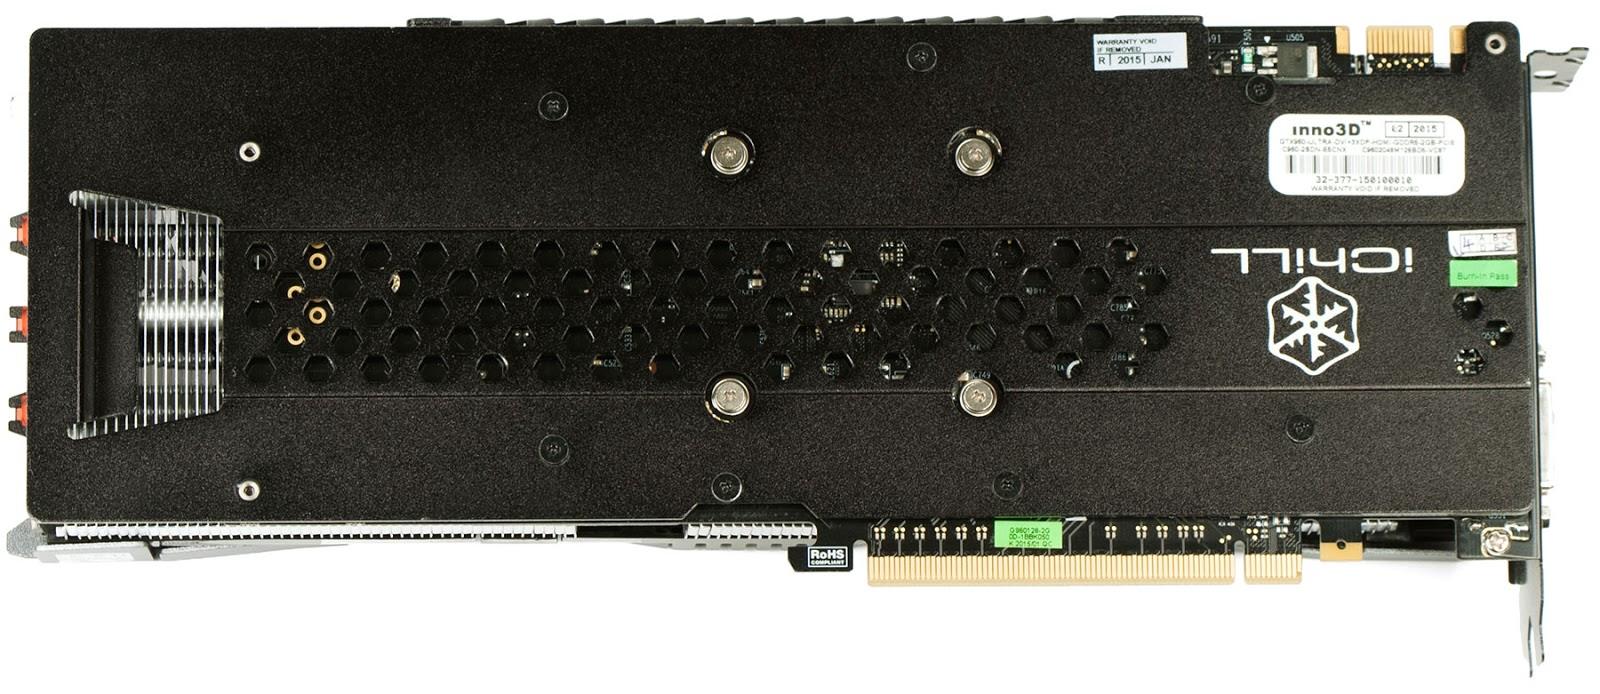 Обзор игровой видеокарты Inno3D iChill GeForce GTX 960 Ultra (C960-2SDN-E5CNX) - 3